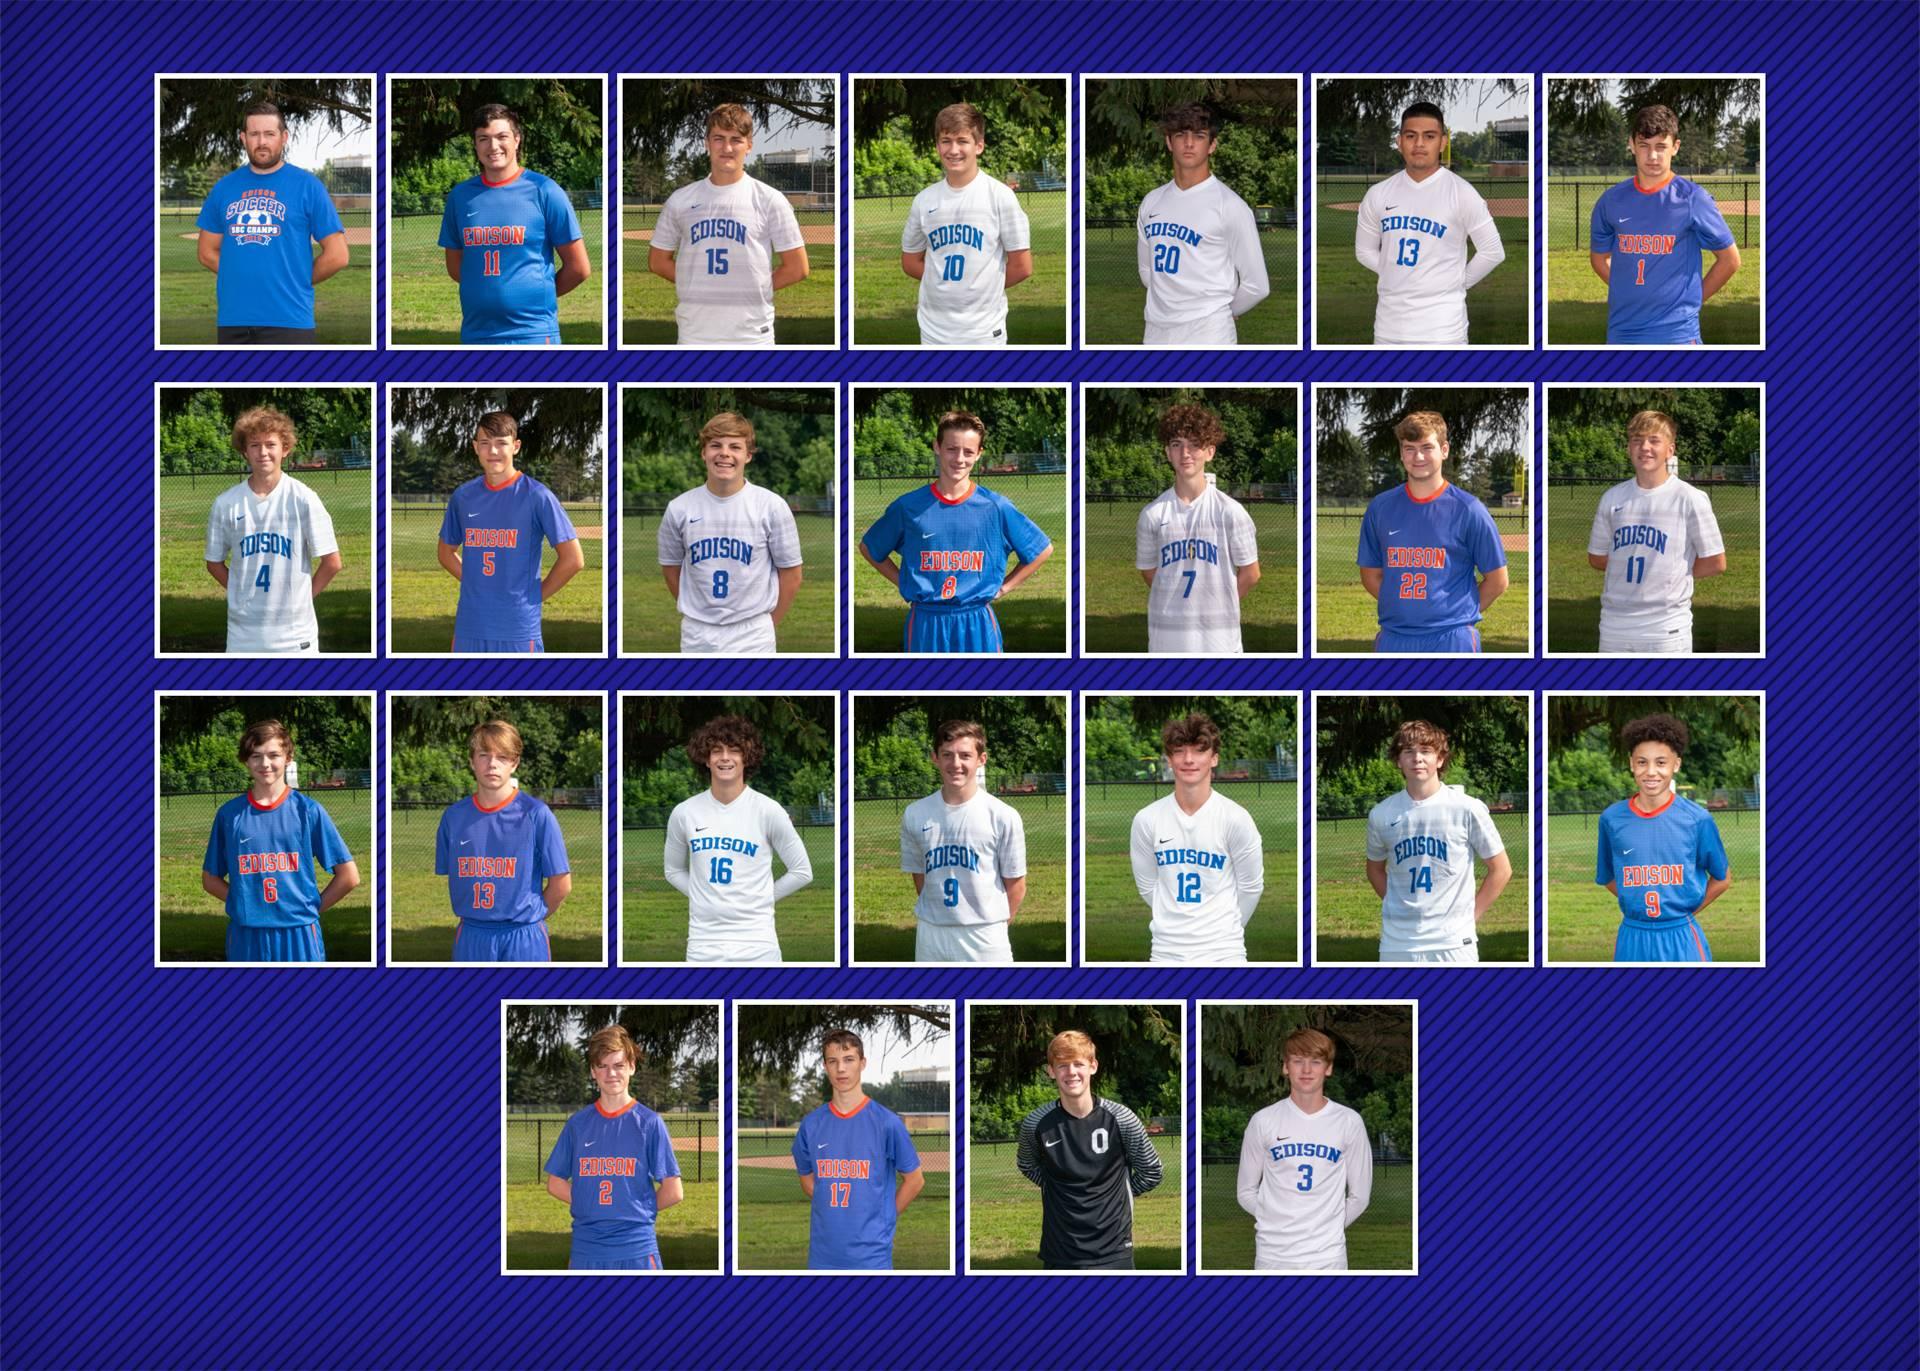 2020 Boys Soccer Team